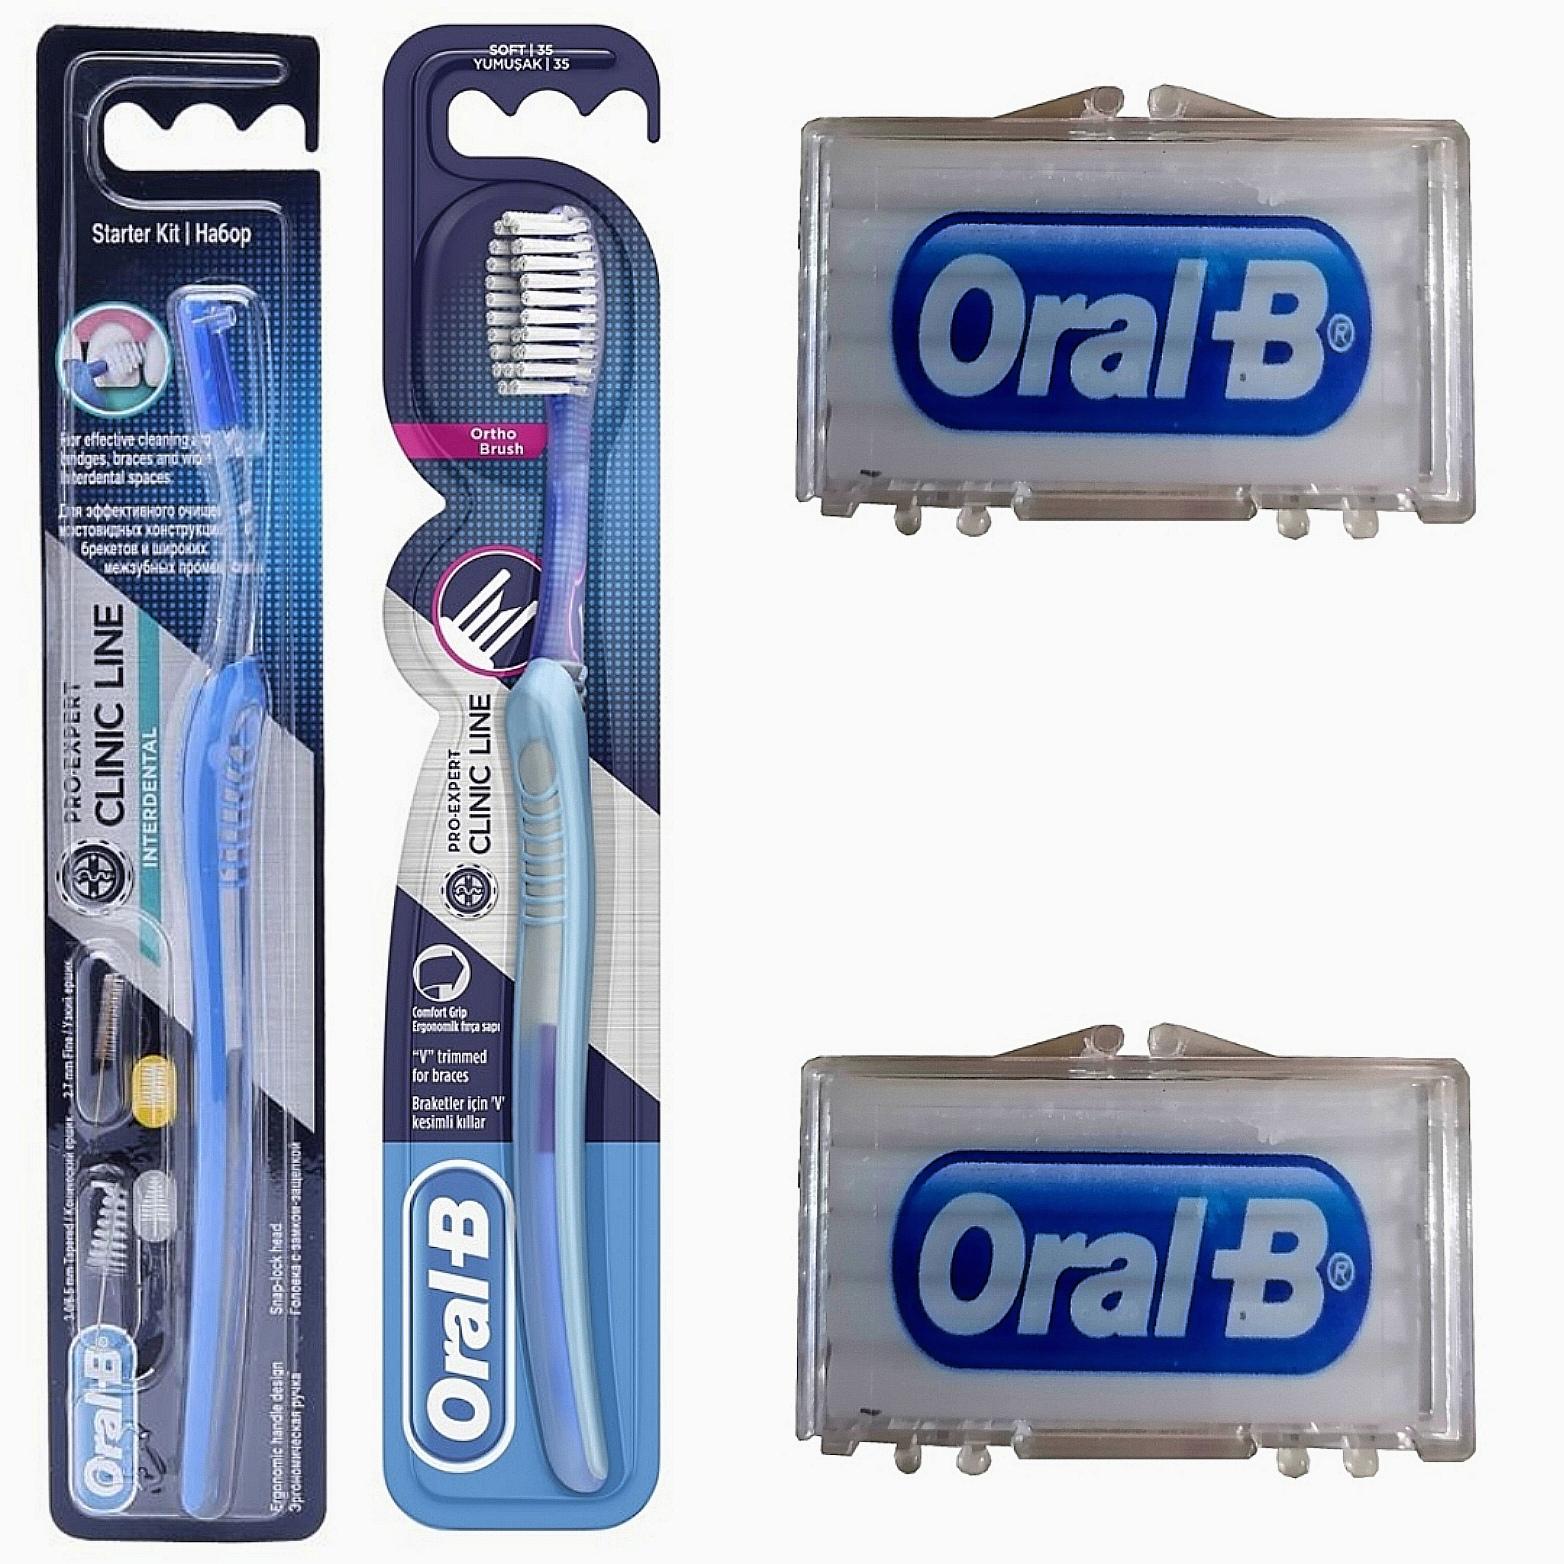 مجموعه مراقبت از دندان اورال بی مدل ارتودنسی کد 001